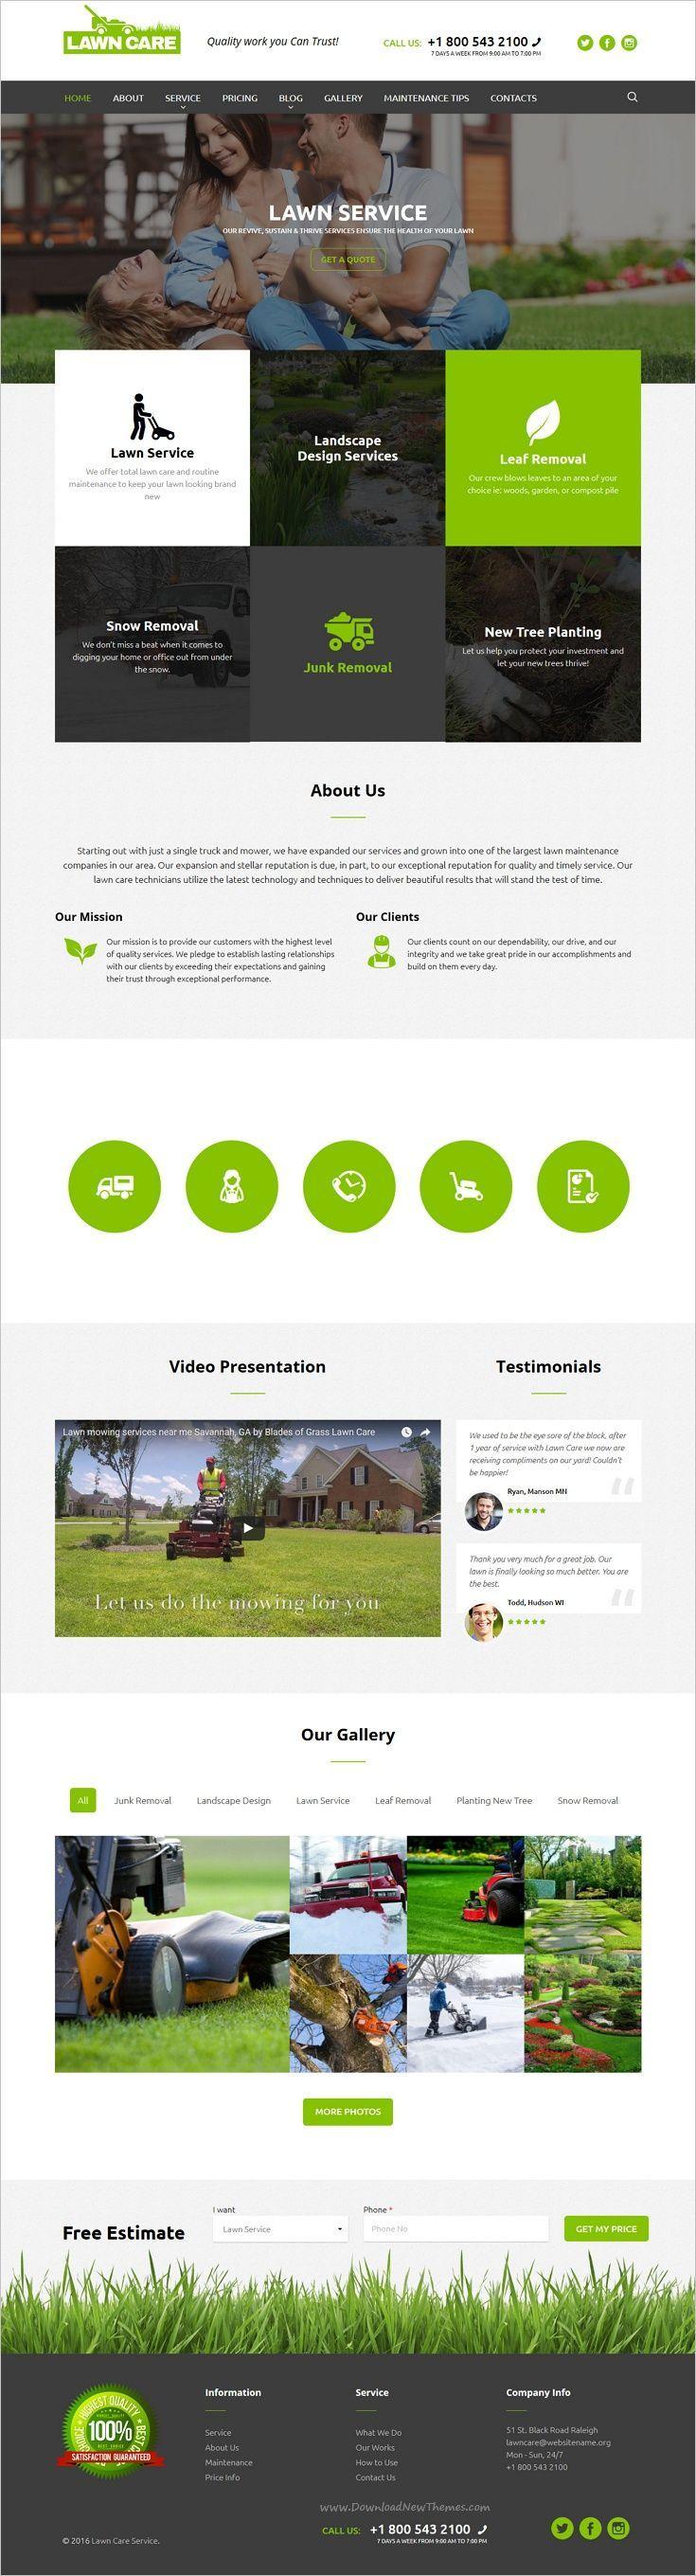 30 Stunning Website Designs Inspired By Nature And Landscapes Web Design Ledger Website Design Nature Inspiration Web Design